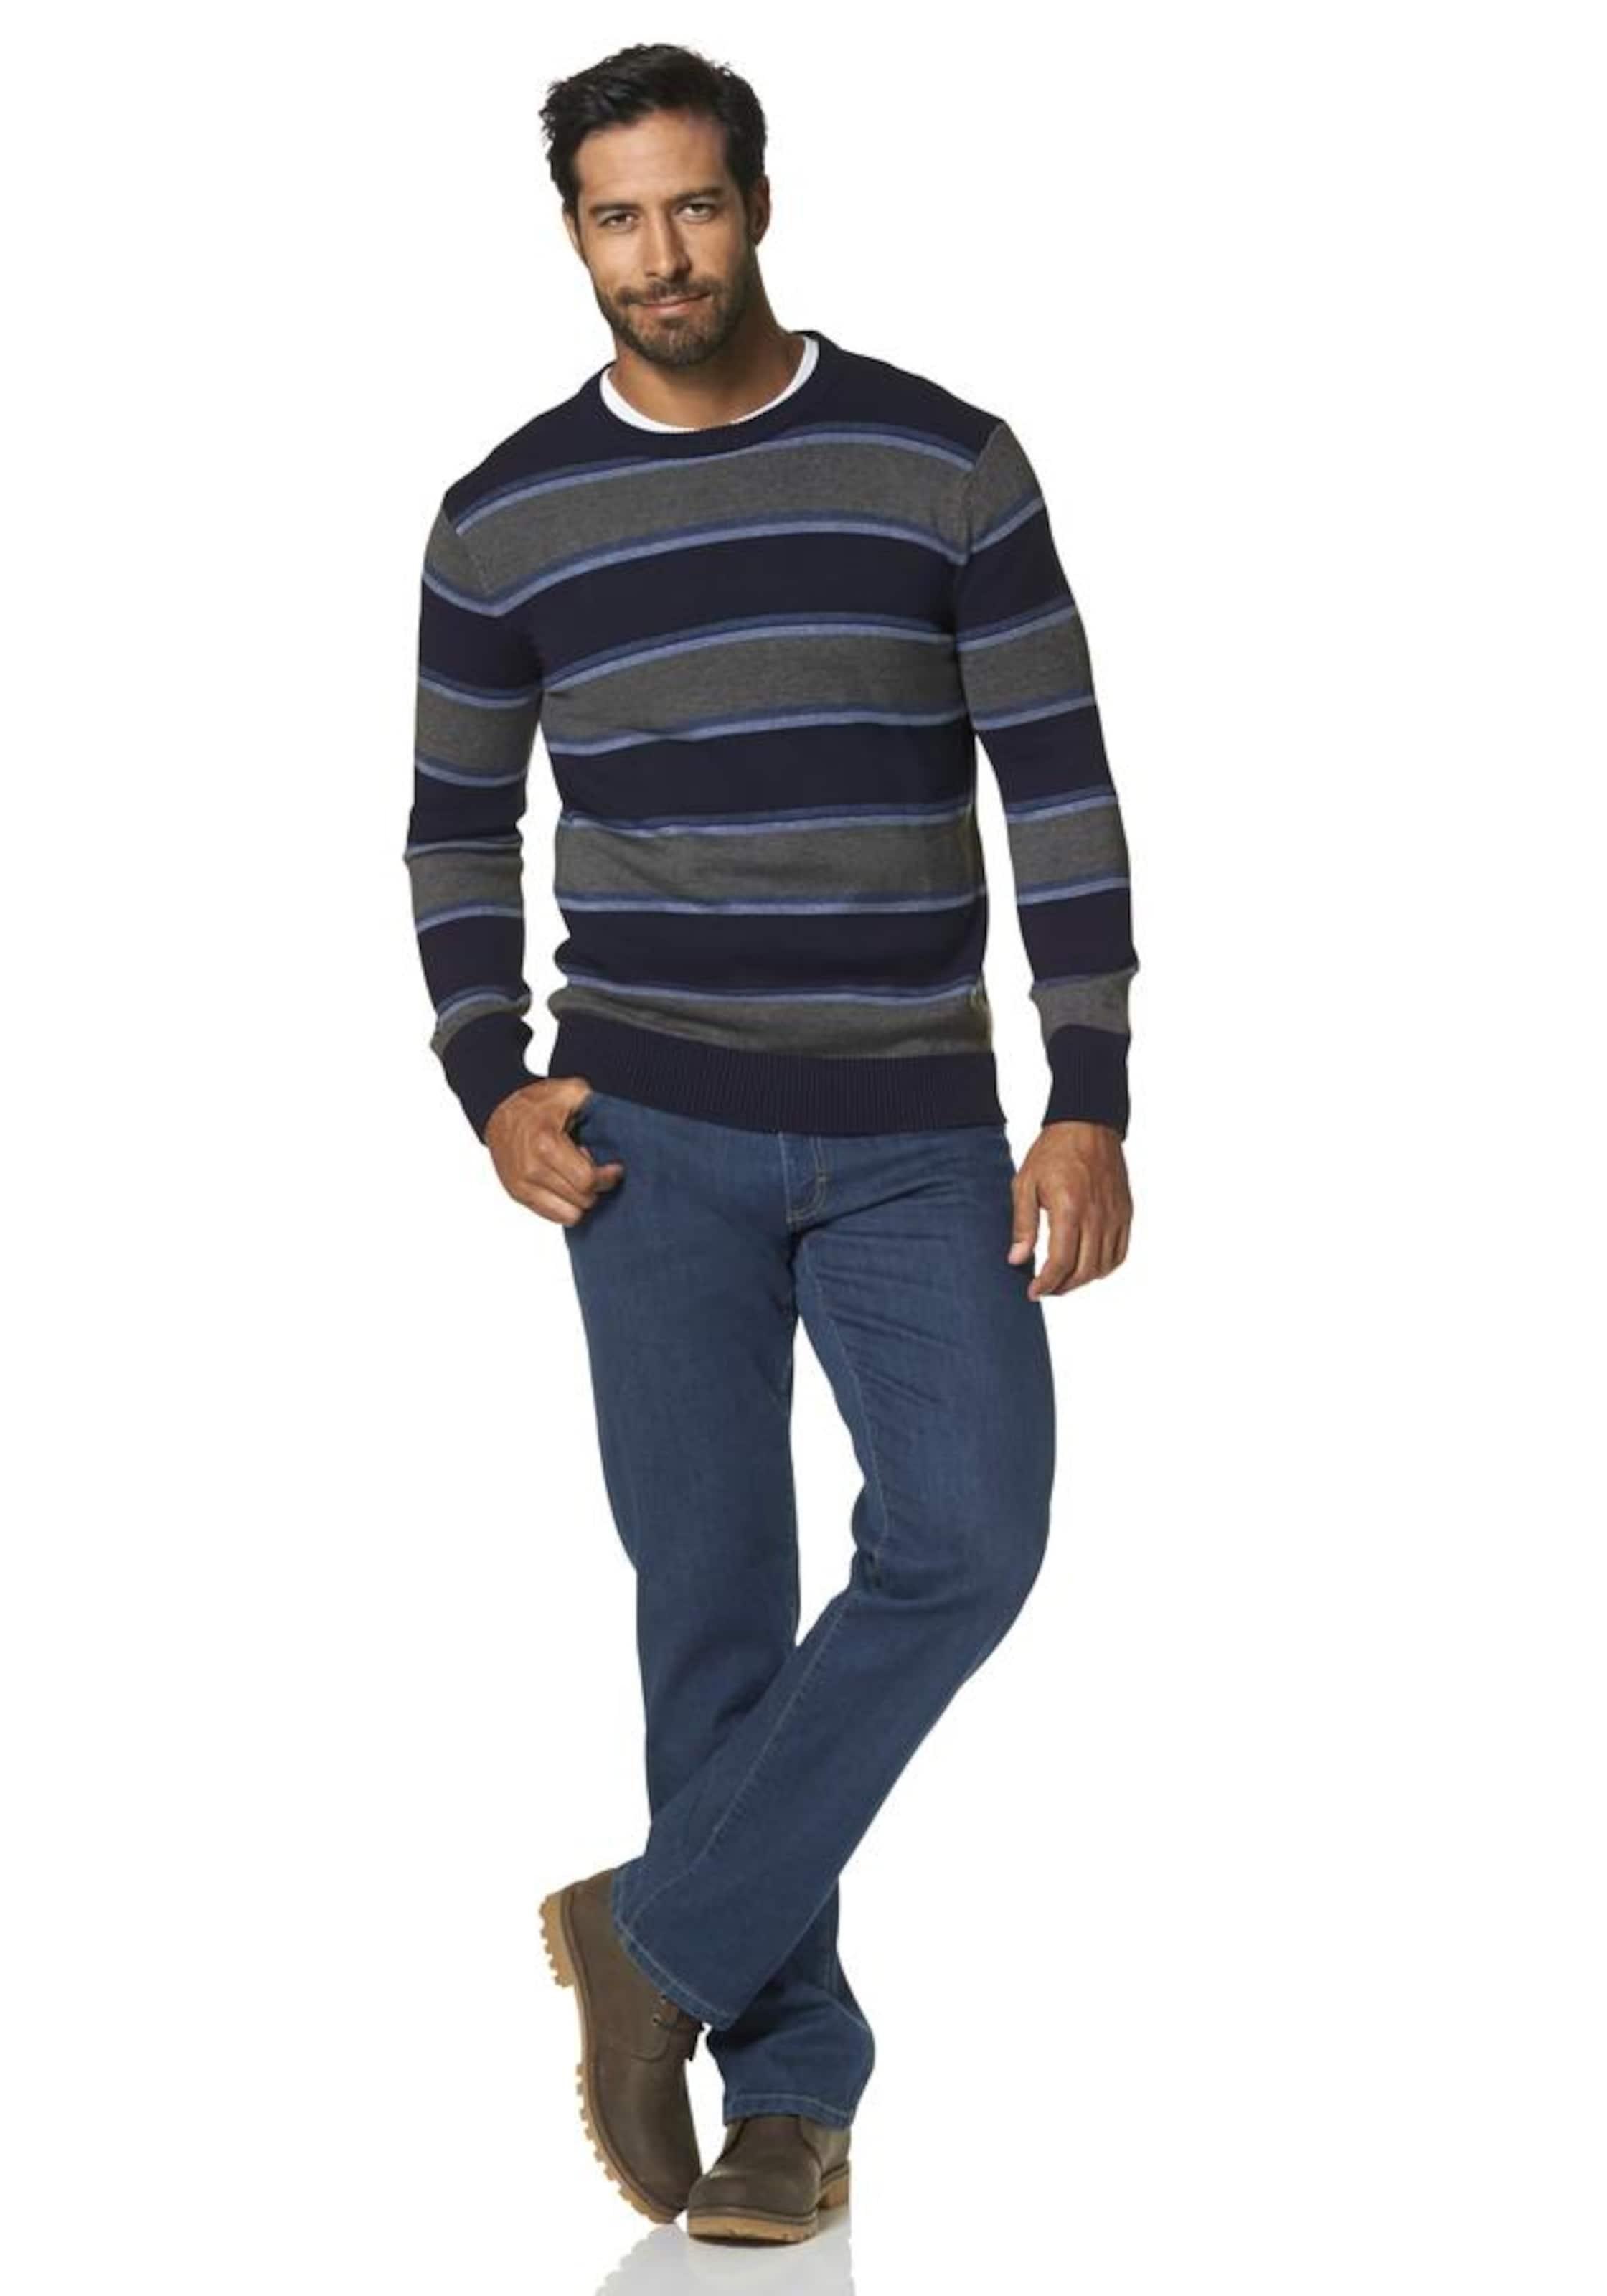 Günstig Kaufen Lohn Mit Paypal Bestseller Online ARIZONA Bequeme Jeans Freies Verschiffen Sast Wählen Sie Eine Beste Günstig Online UvdEO2